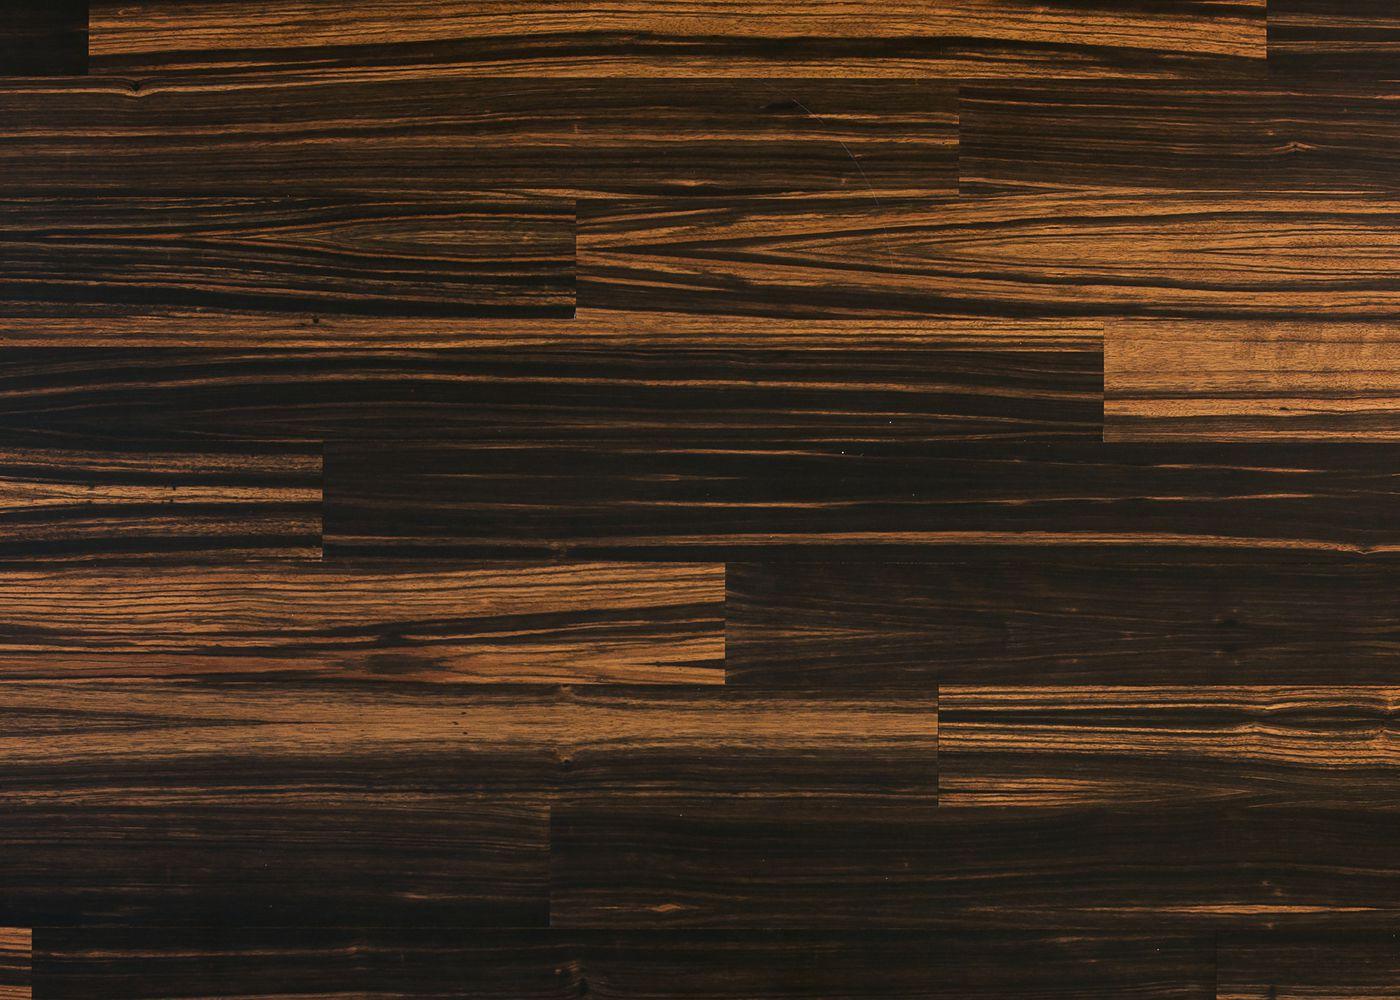 Sol plaqué bois Ébène de Macassar vernis satiné - Lounge - Select 8x124x1203